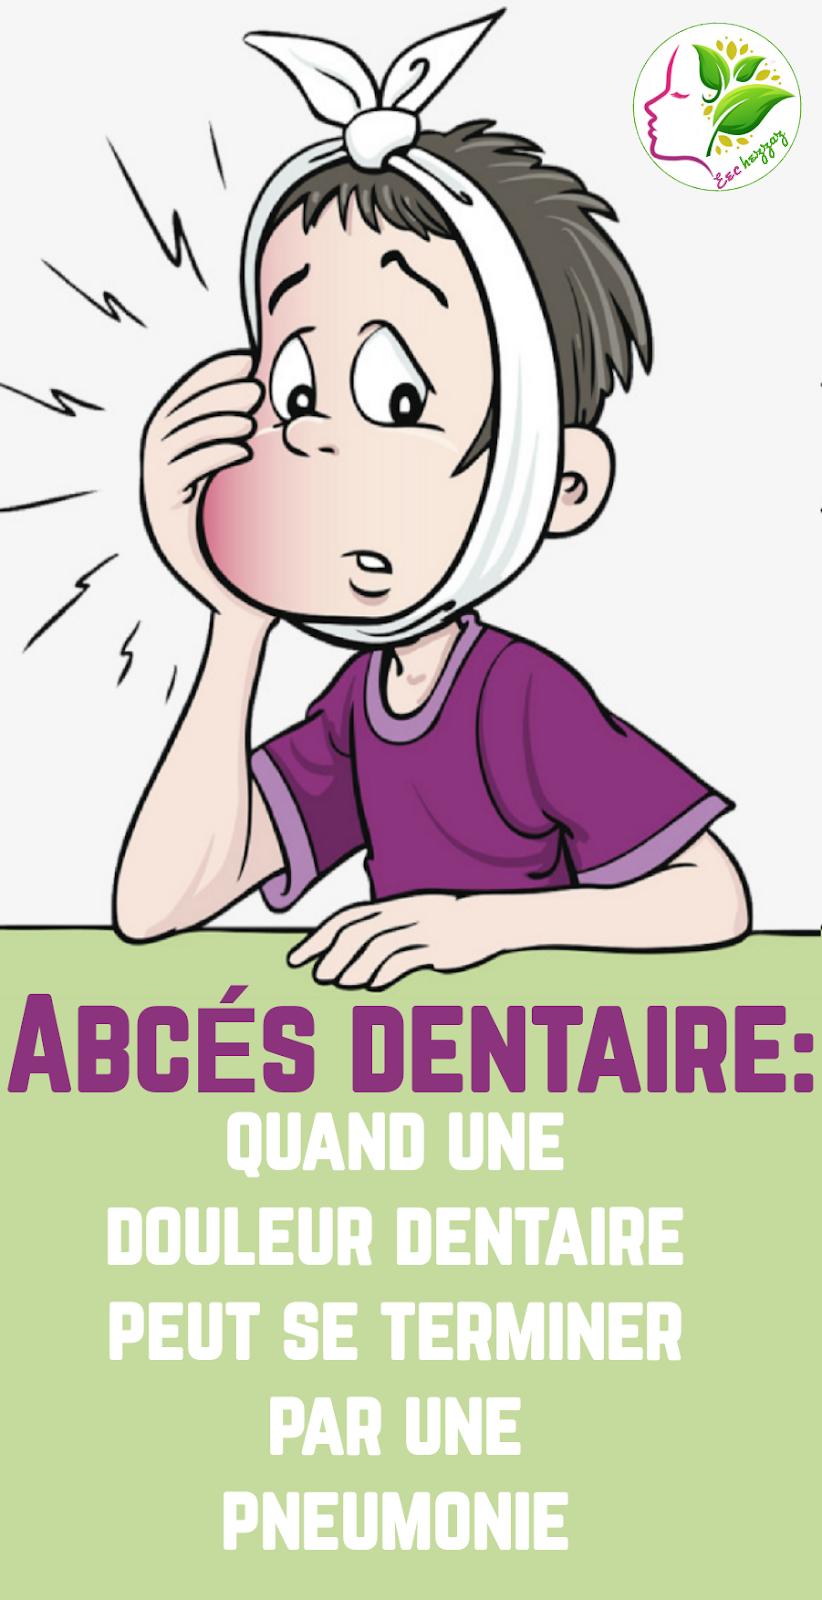 Abcès dentaire: quand une douleur dentaire peut se terminer par une pneumonie